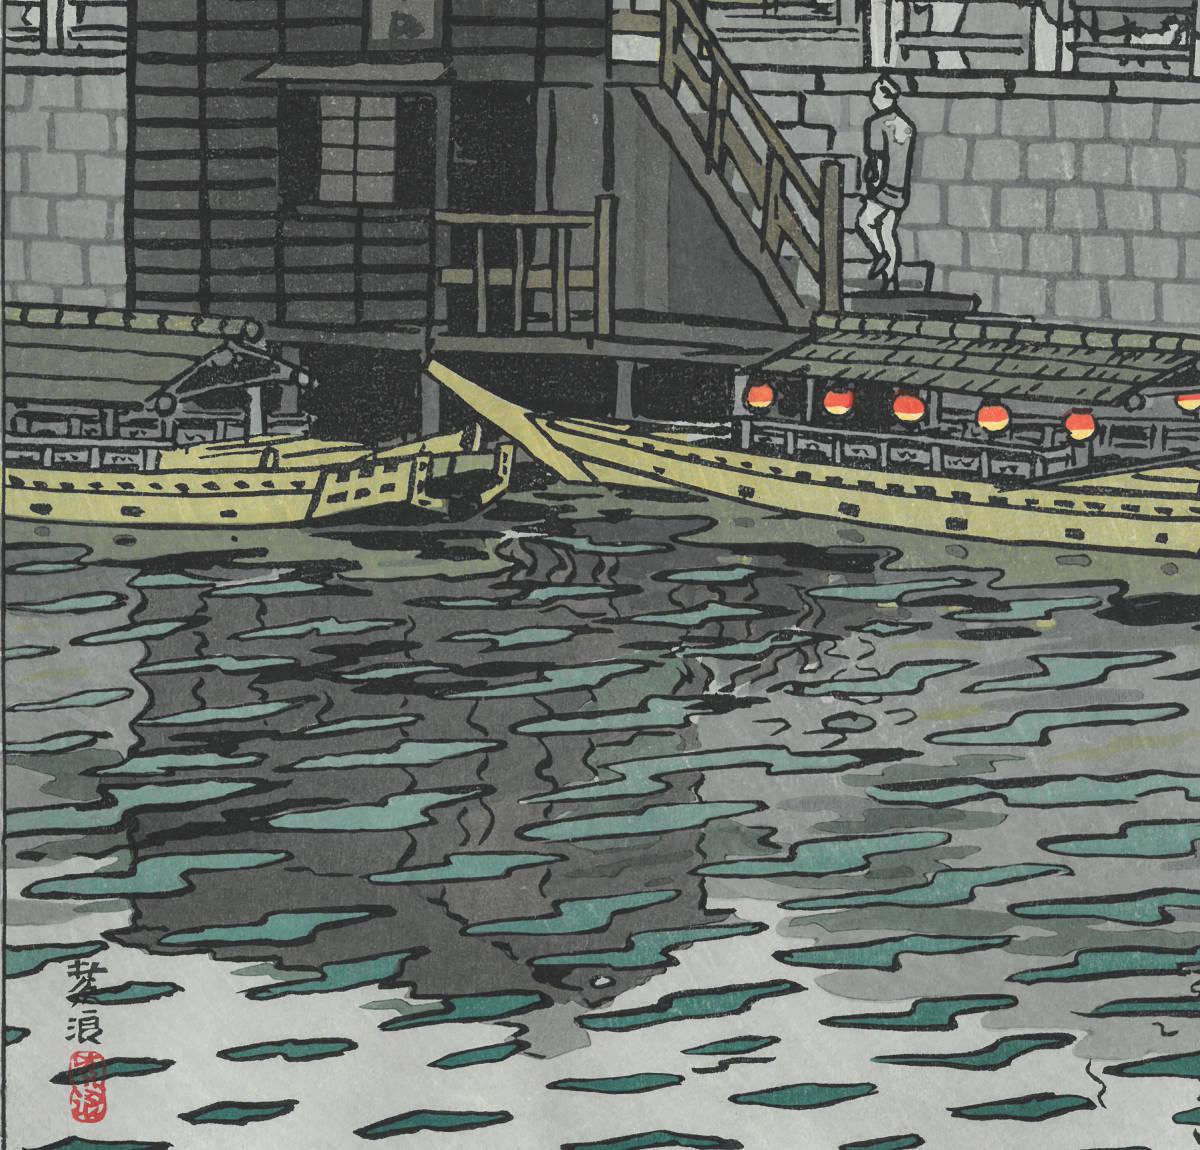 笠松紫浪 (Kasamatsu Shiro) 木版画 sk30 東京八景の内 柳橋付近 新版画  初版昭和中期頃   一流の摺師の技をご堪能下さい!!_画像10